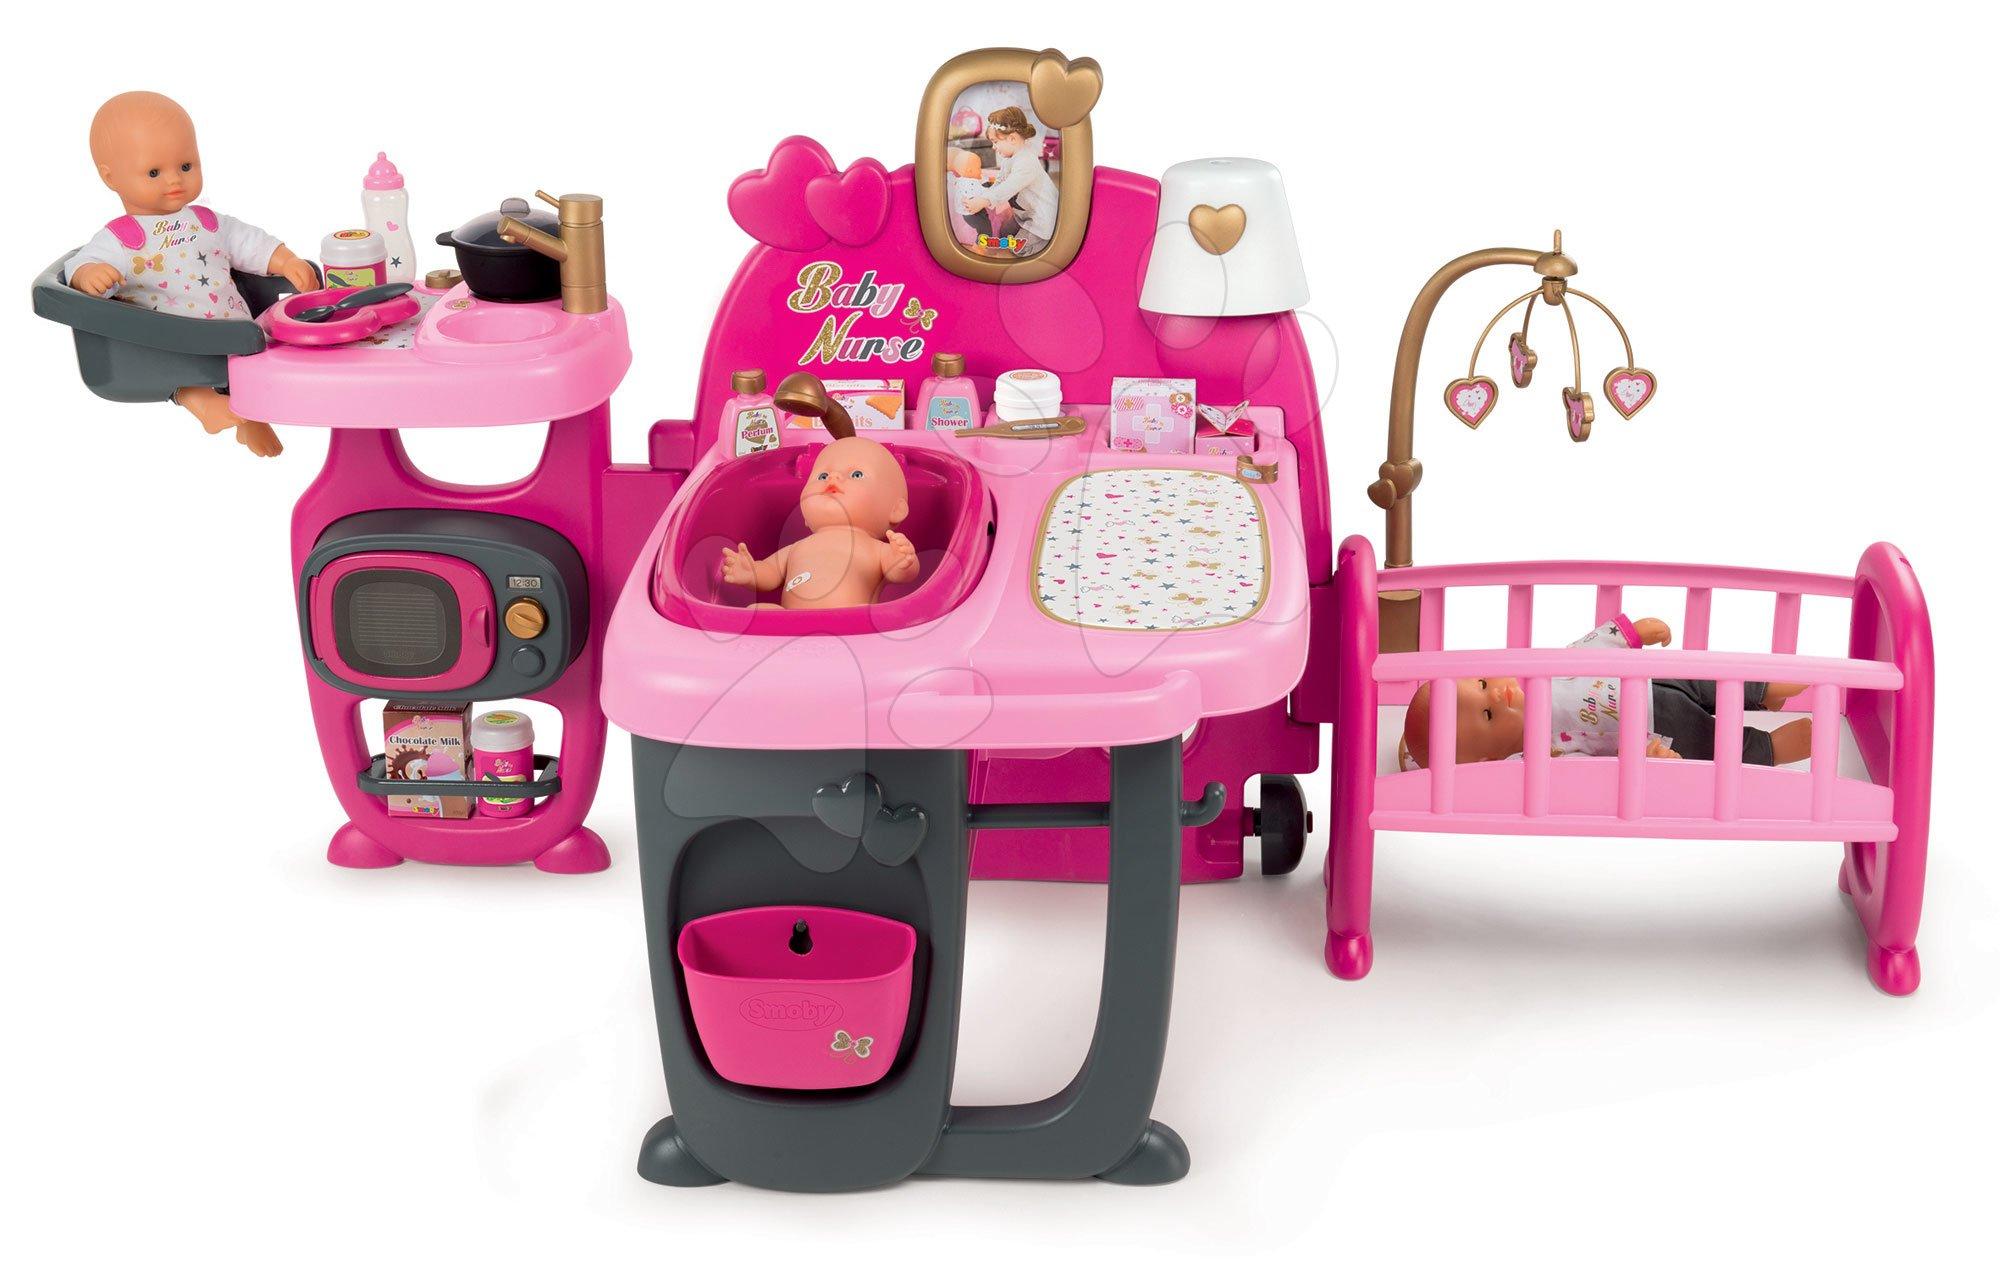 Domeček pro panenku Baby Nurse Doll's Play Center Smoby trojkřídlý s 23 doplňky pro panenku